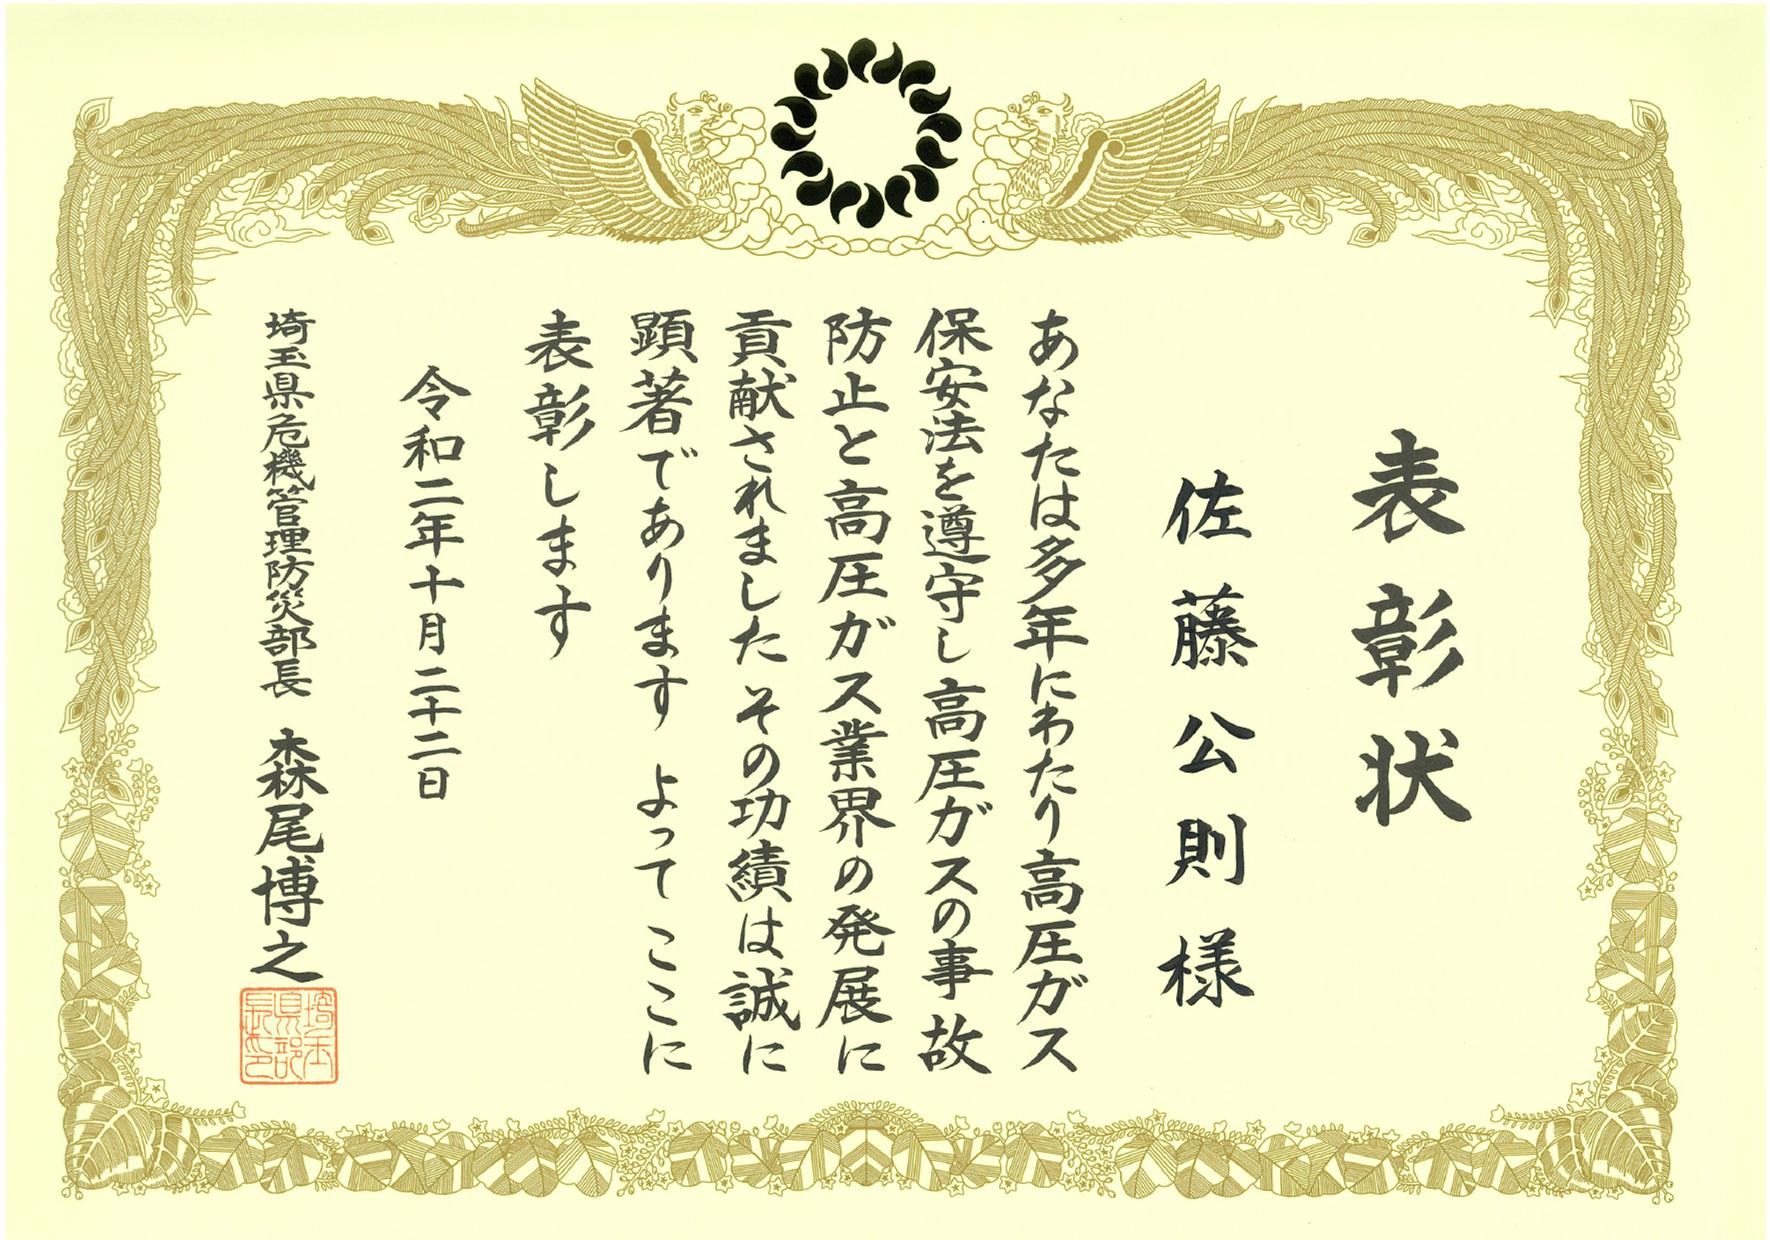 埼玉県危機防災管理部長表彰